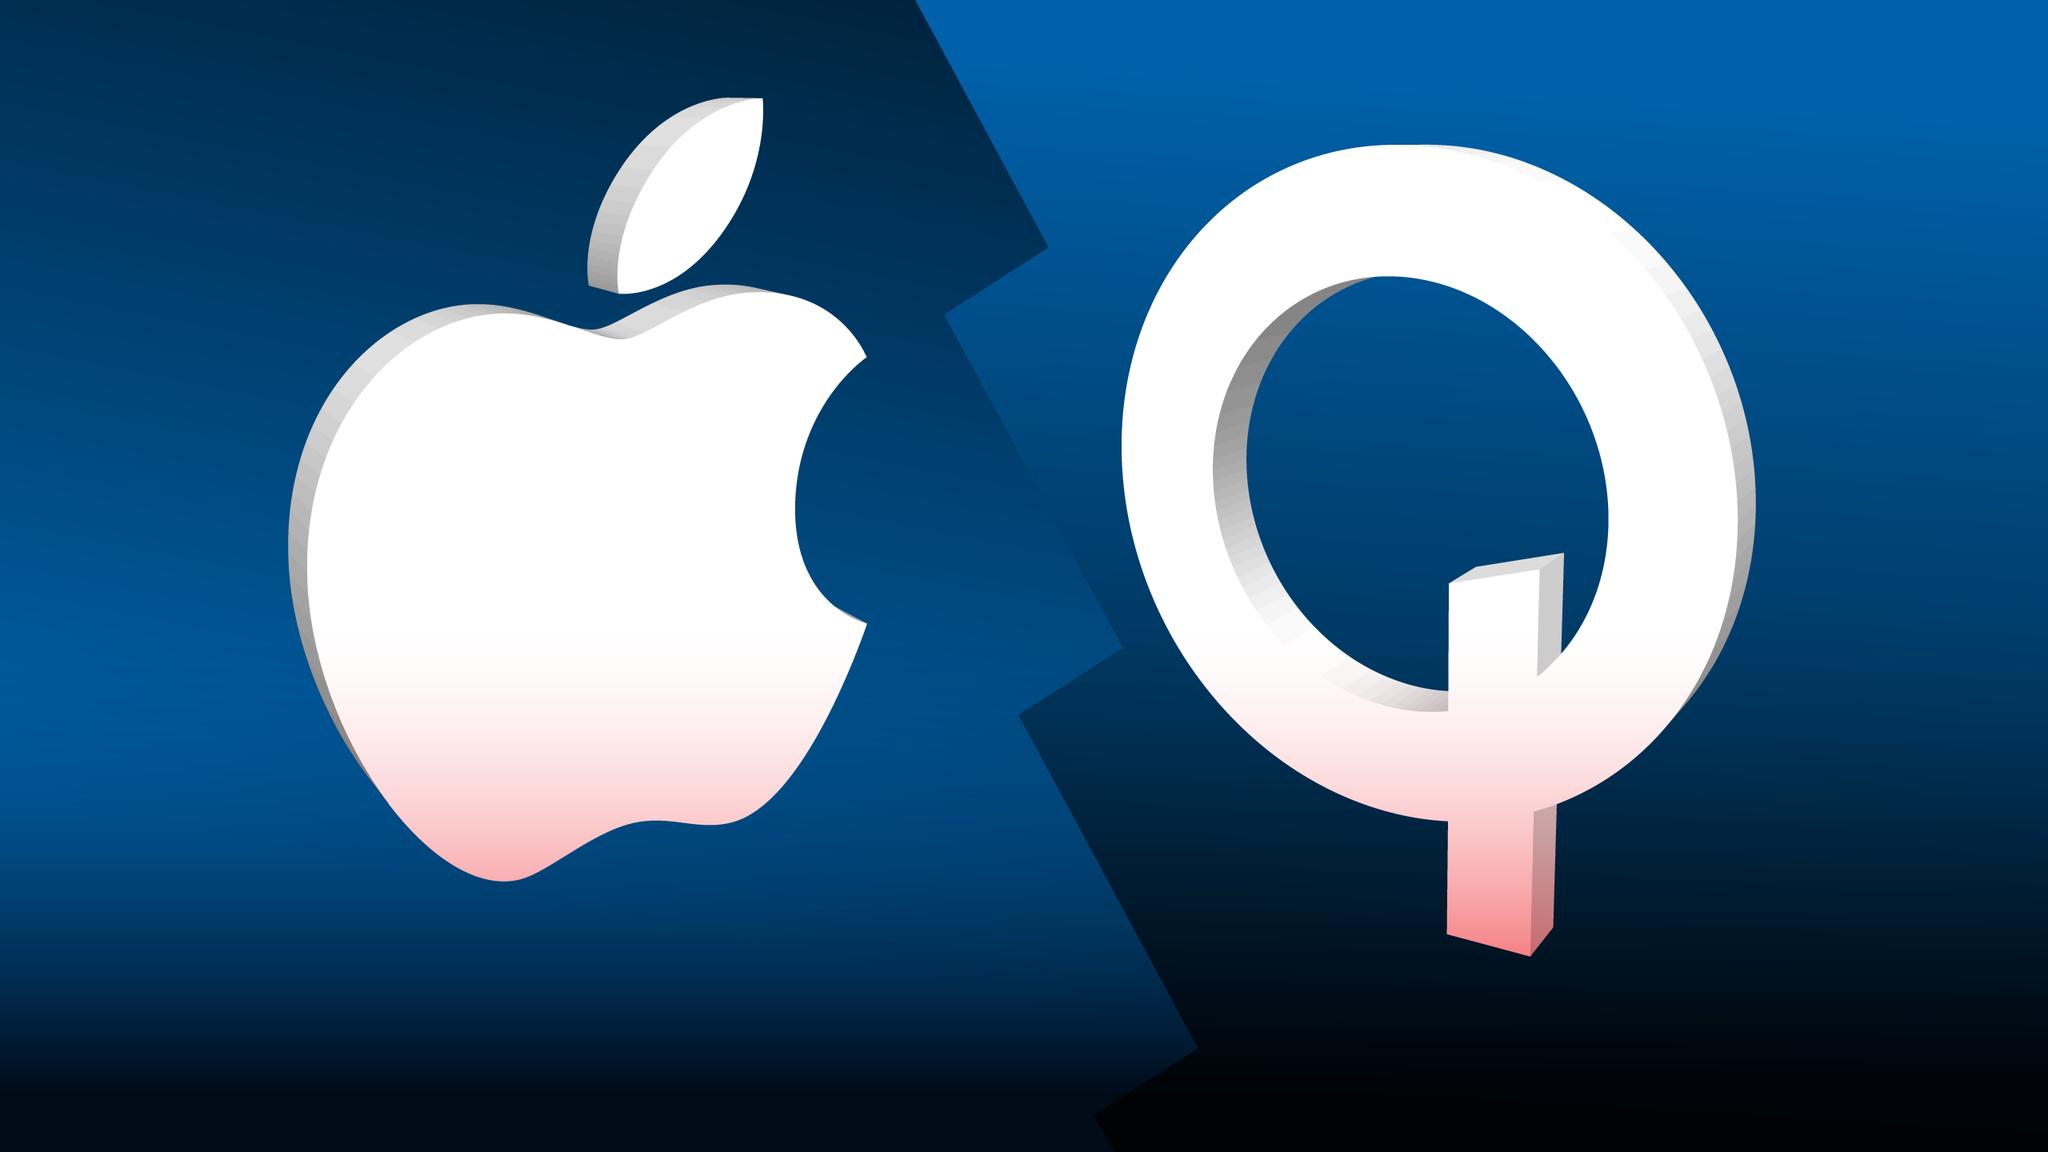 Qualcomm заплатила €1.34 млрд., чтобы остановить продажи iPhone 7 и iPhone 8 в Германии